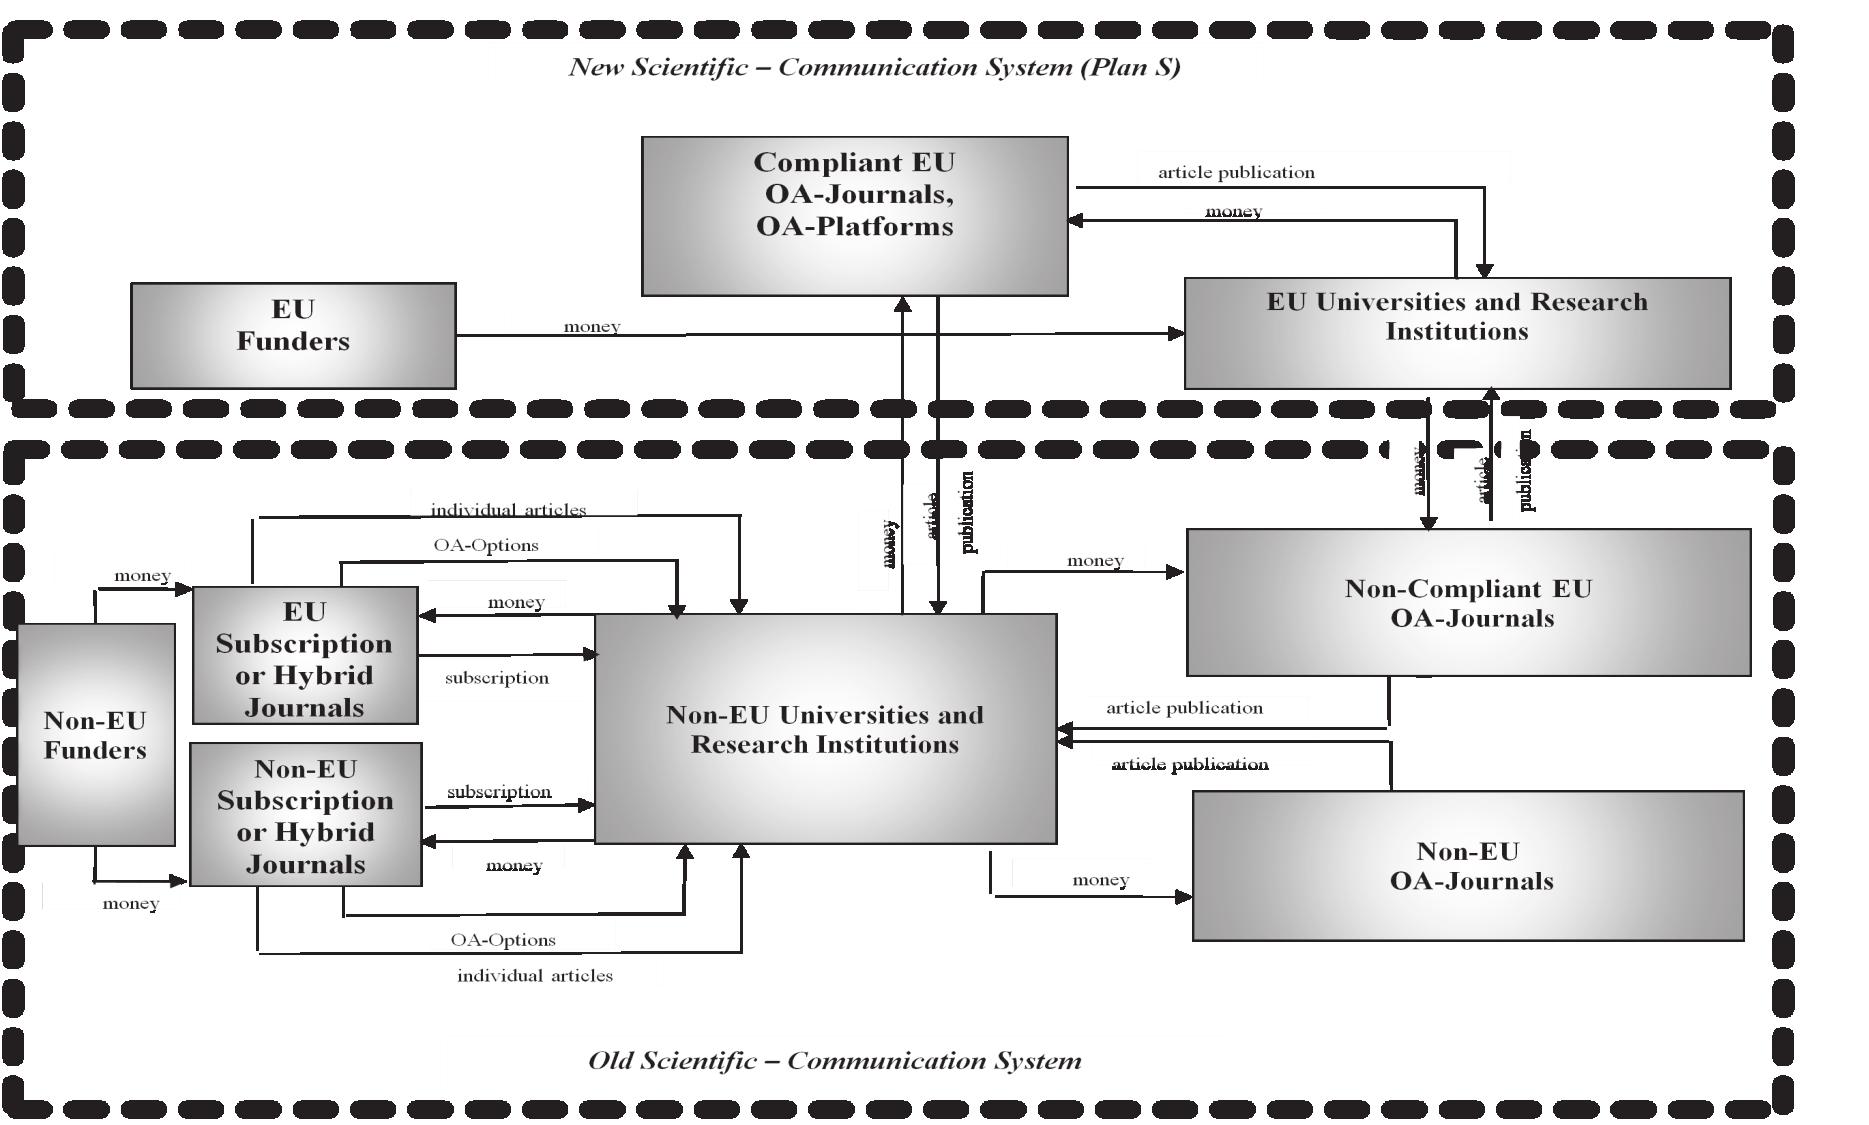 Схема сосуществования старой и новой систем формальных научных коммуникаций с 2020 года